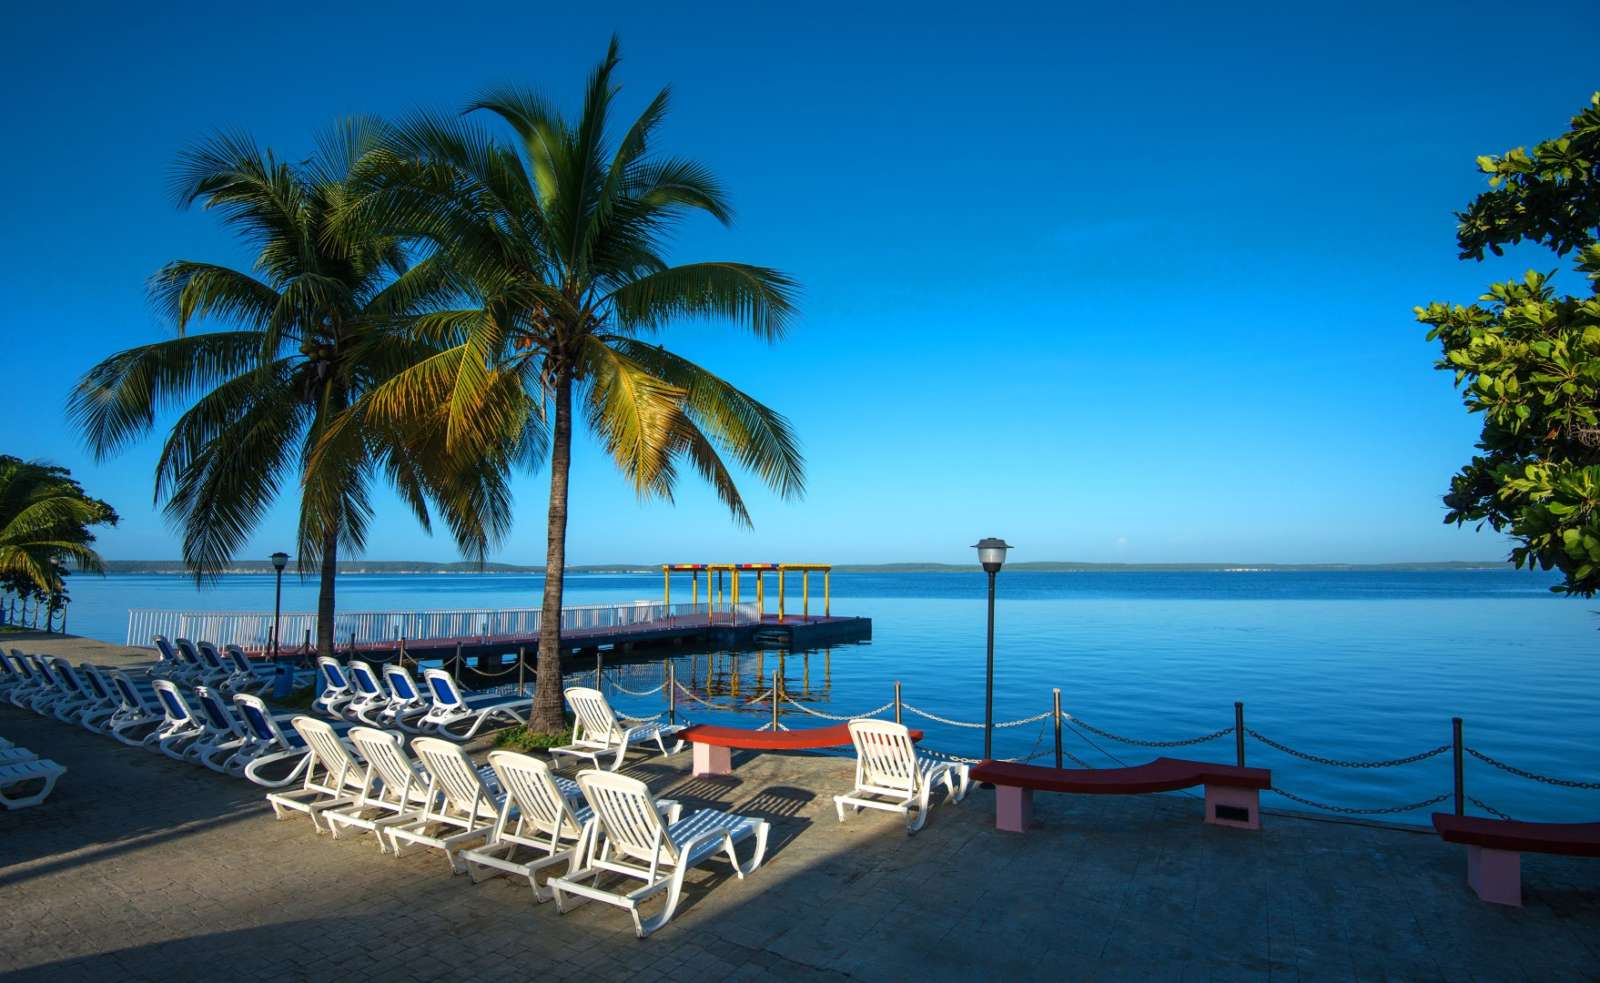 Bay view at Melia Jagua in Cienfuegos